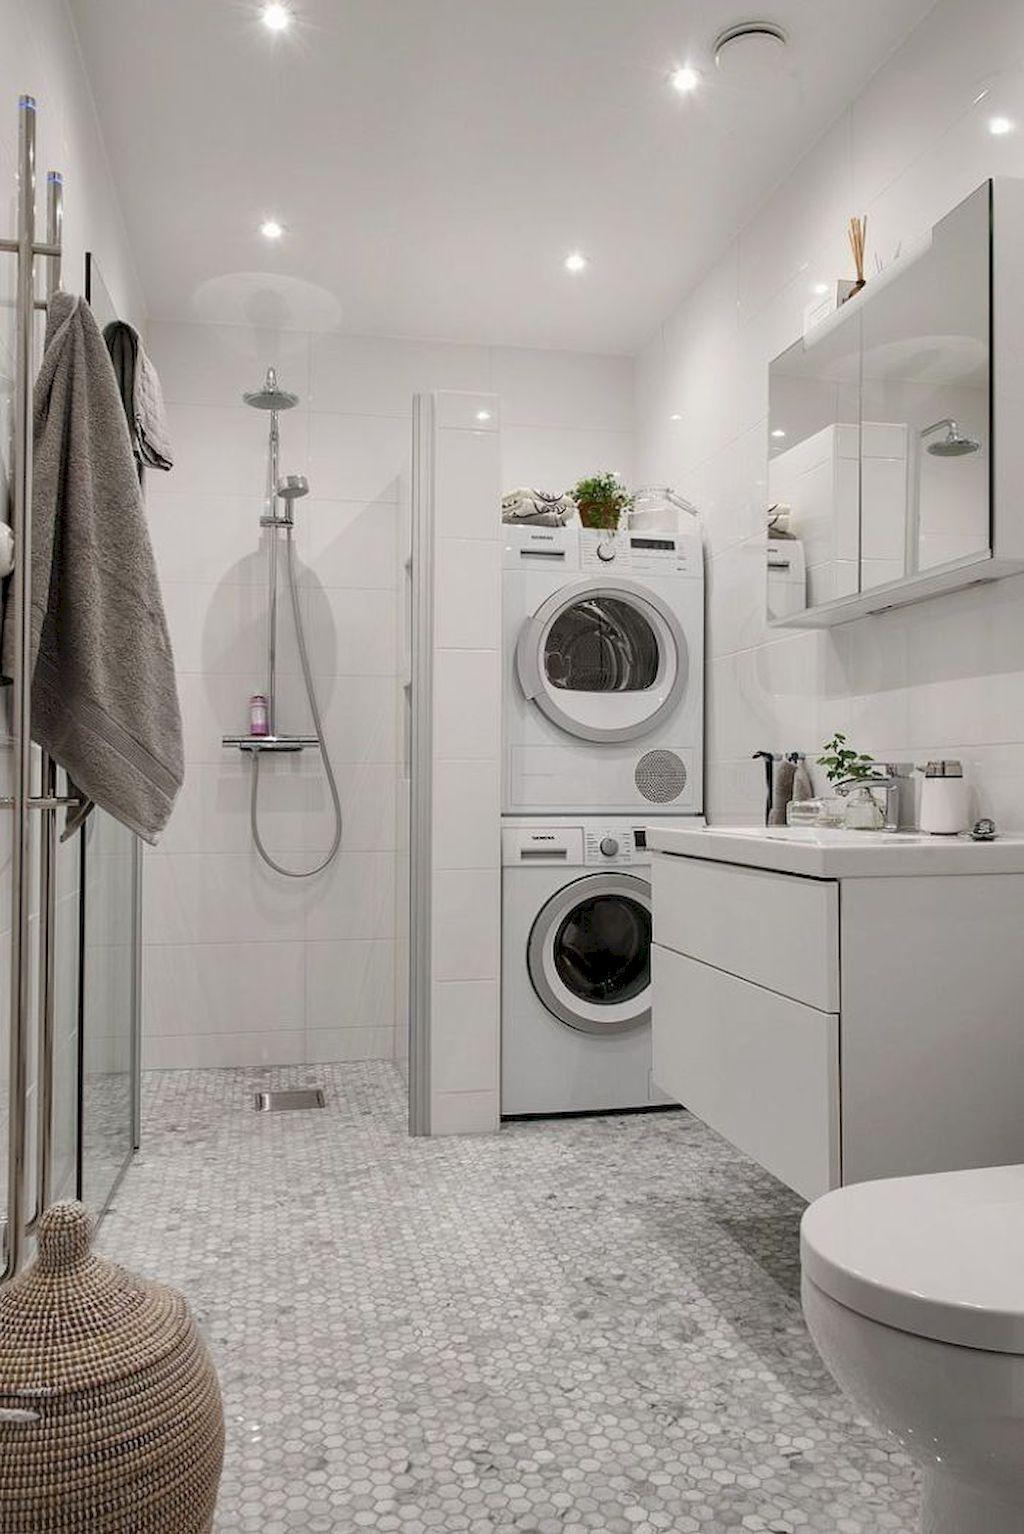 Unika soptunnor i badrummet